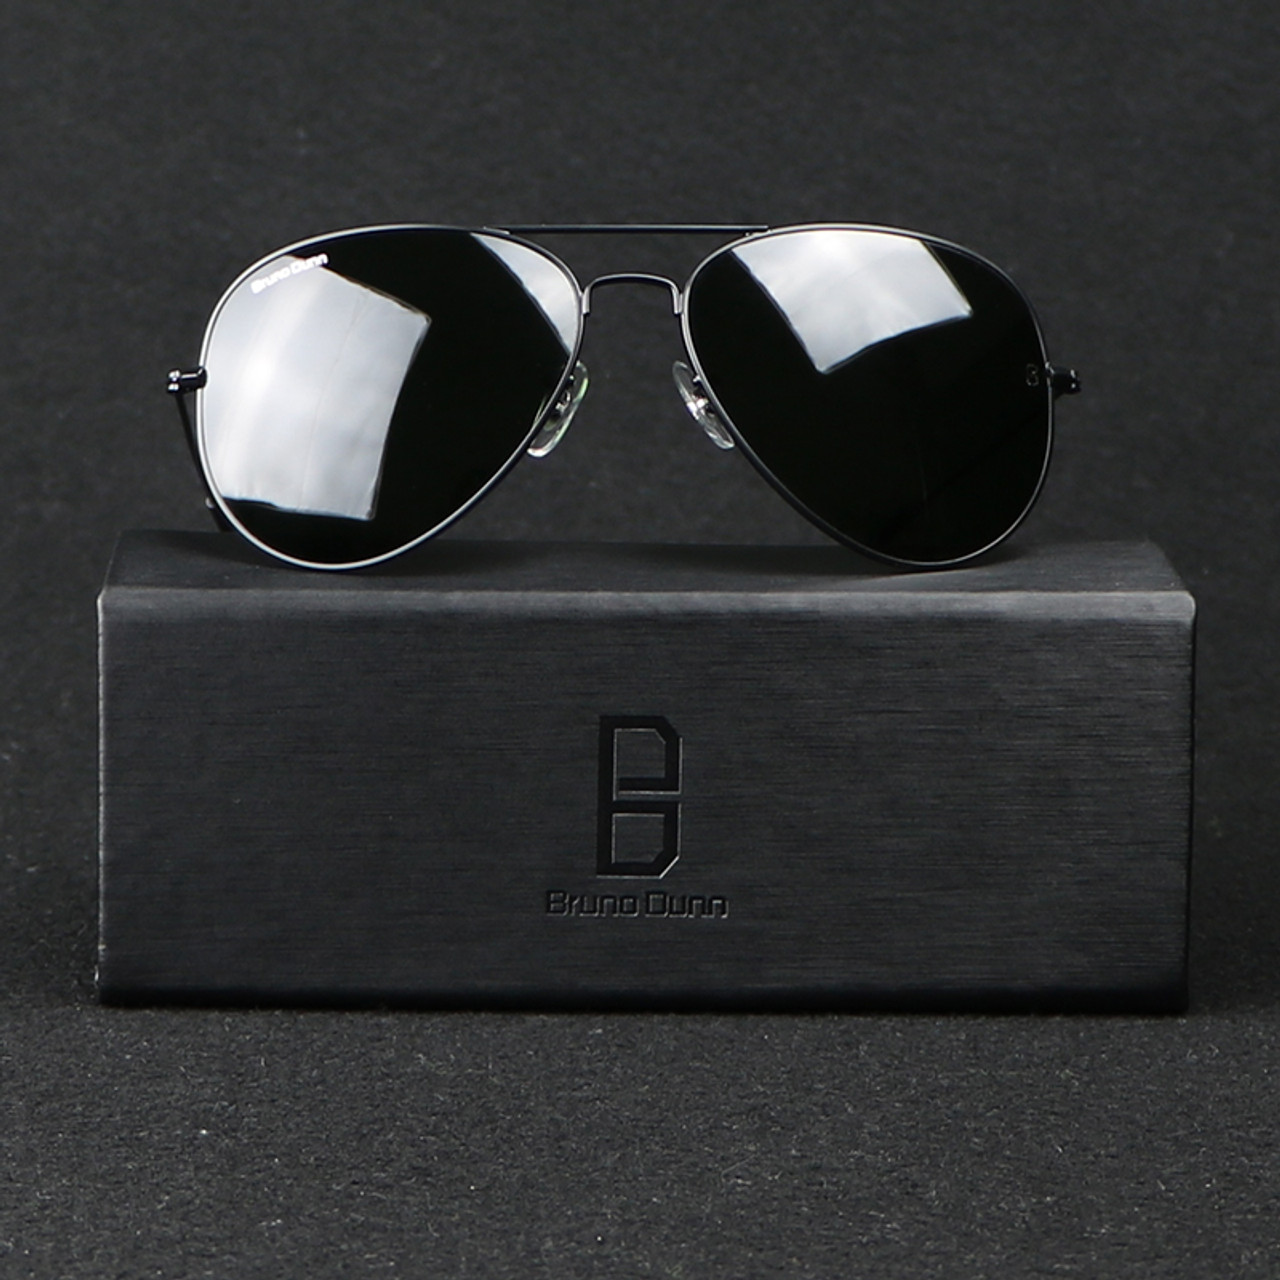 c810fc7e44485 ... 2018 Aviator Sunglasses Women Men Brand Designer Sun Glases for Male  Oculos Aviador De Sol Masculino ...